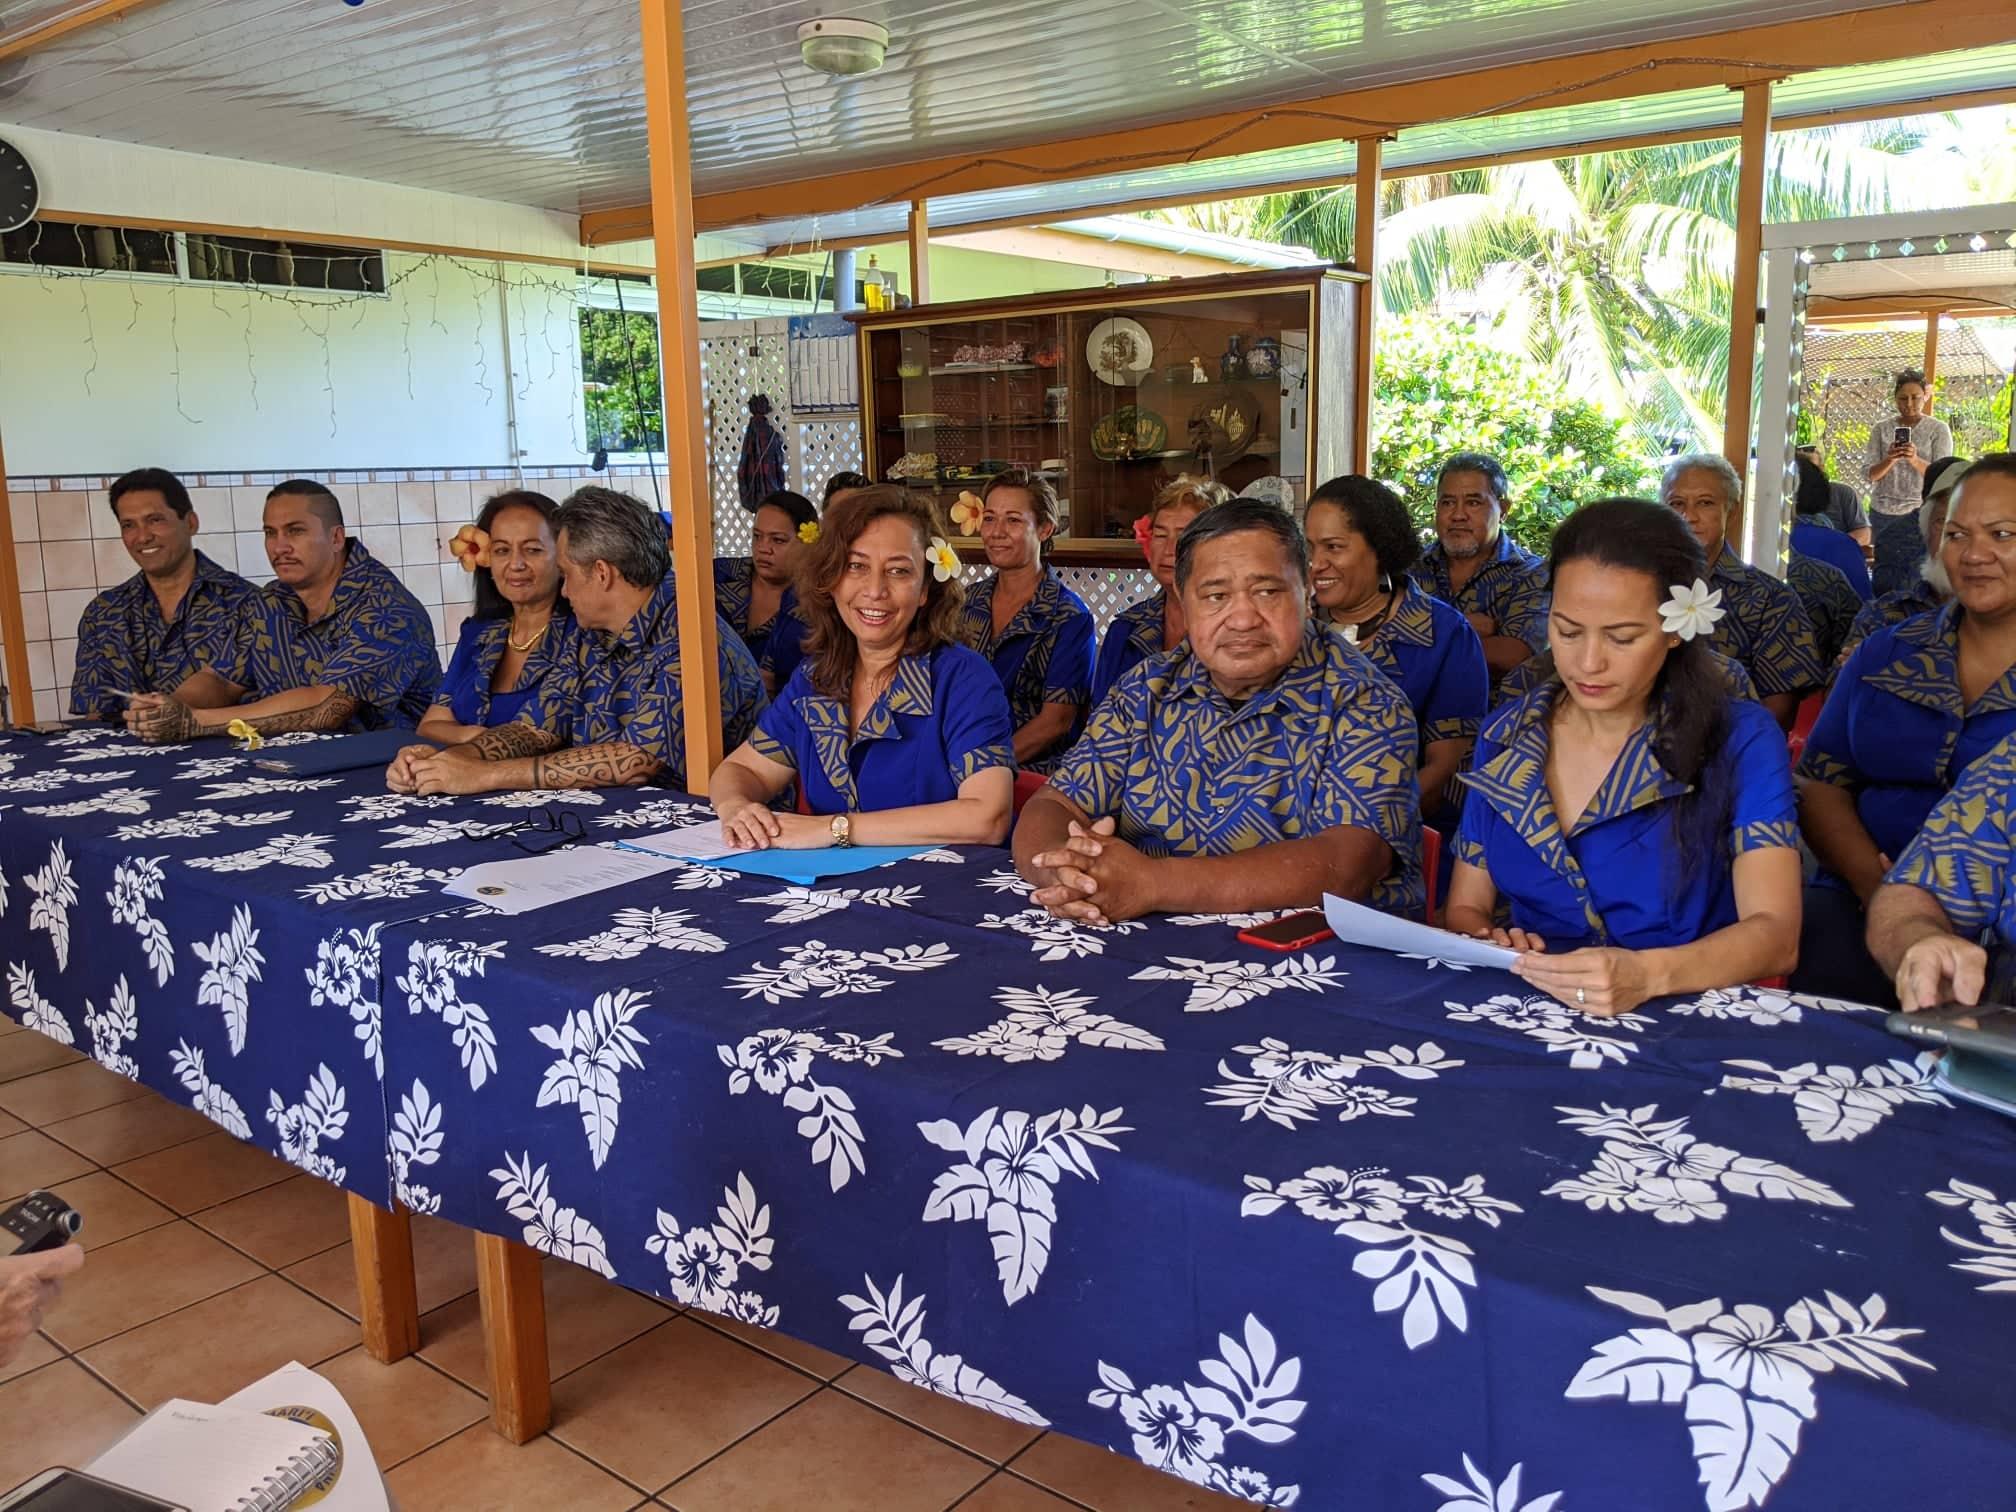 La député Nicole Sanquer a présenté ce samedi matin à Mahina les noms et les visages de ses 32 colistiers.